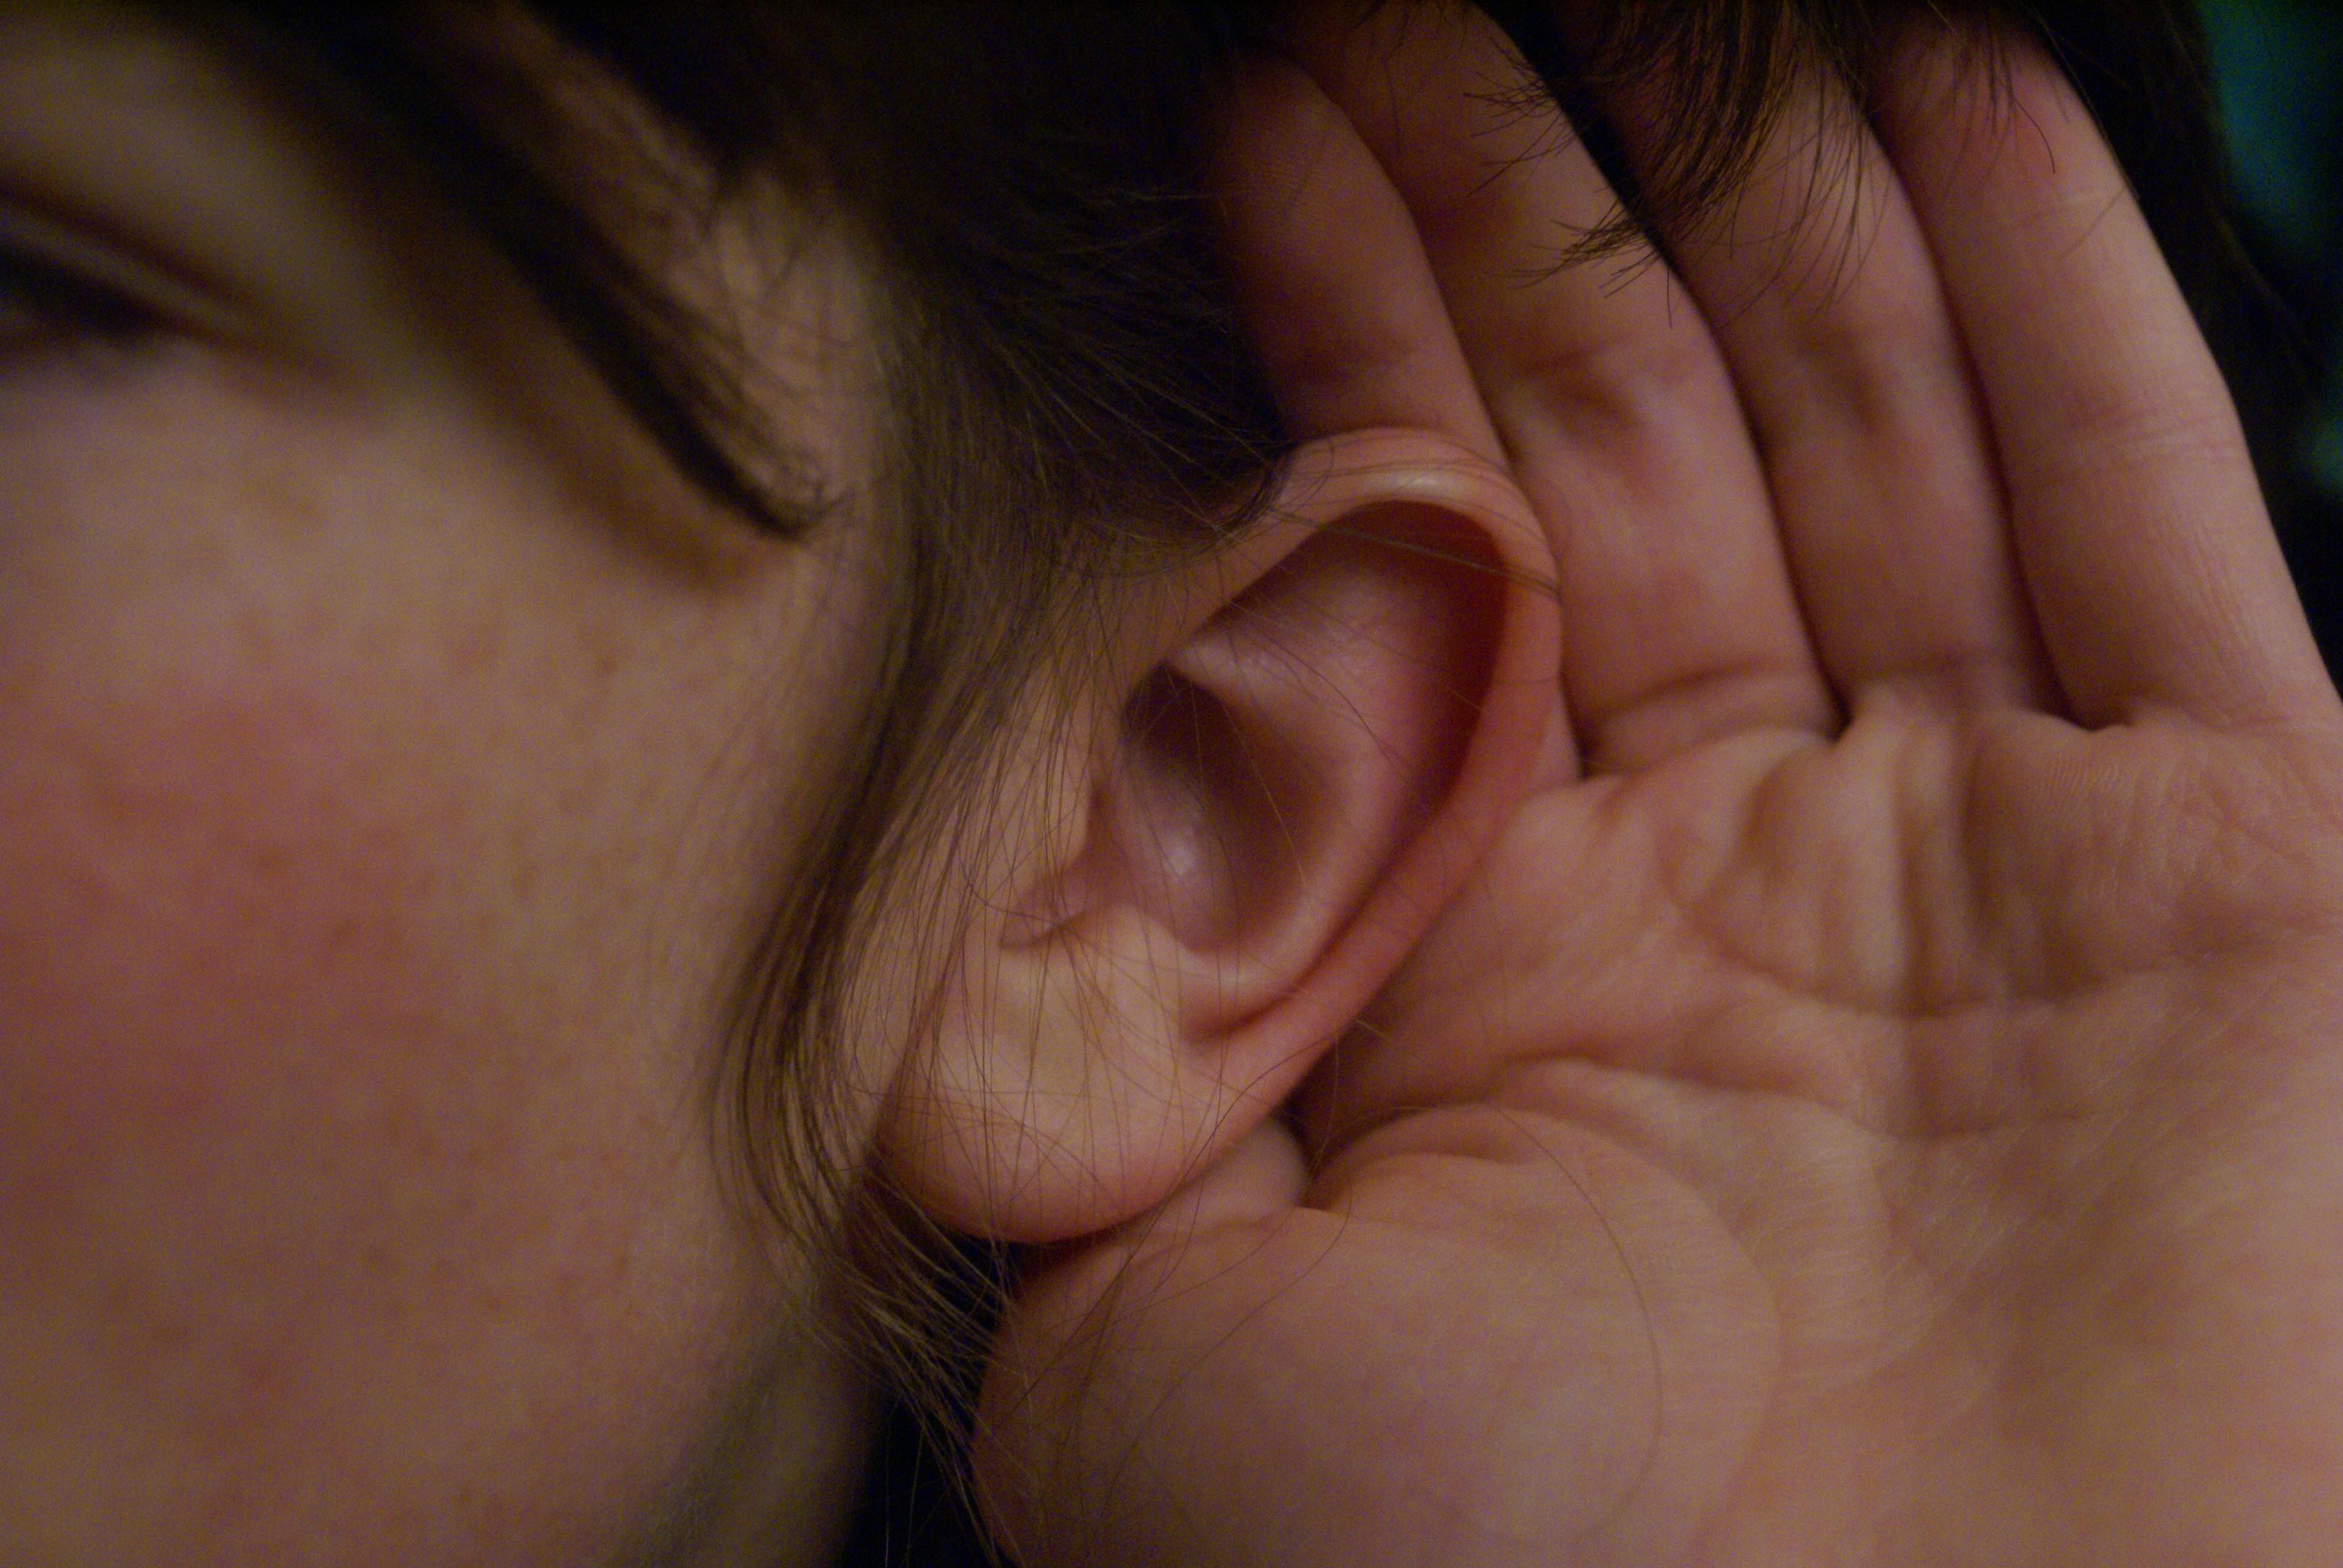 Fai fatica a seguire una conversazione perché soffri di ipoacusia?